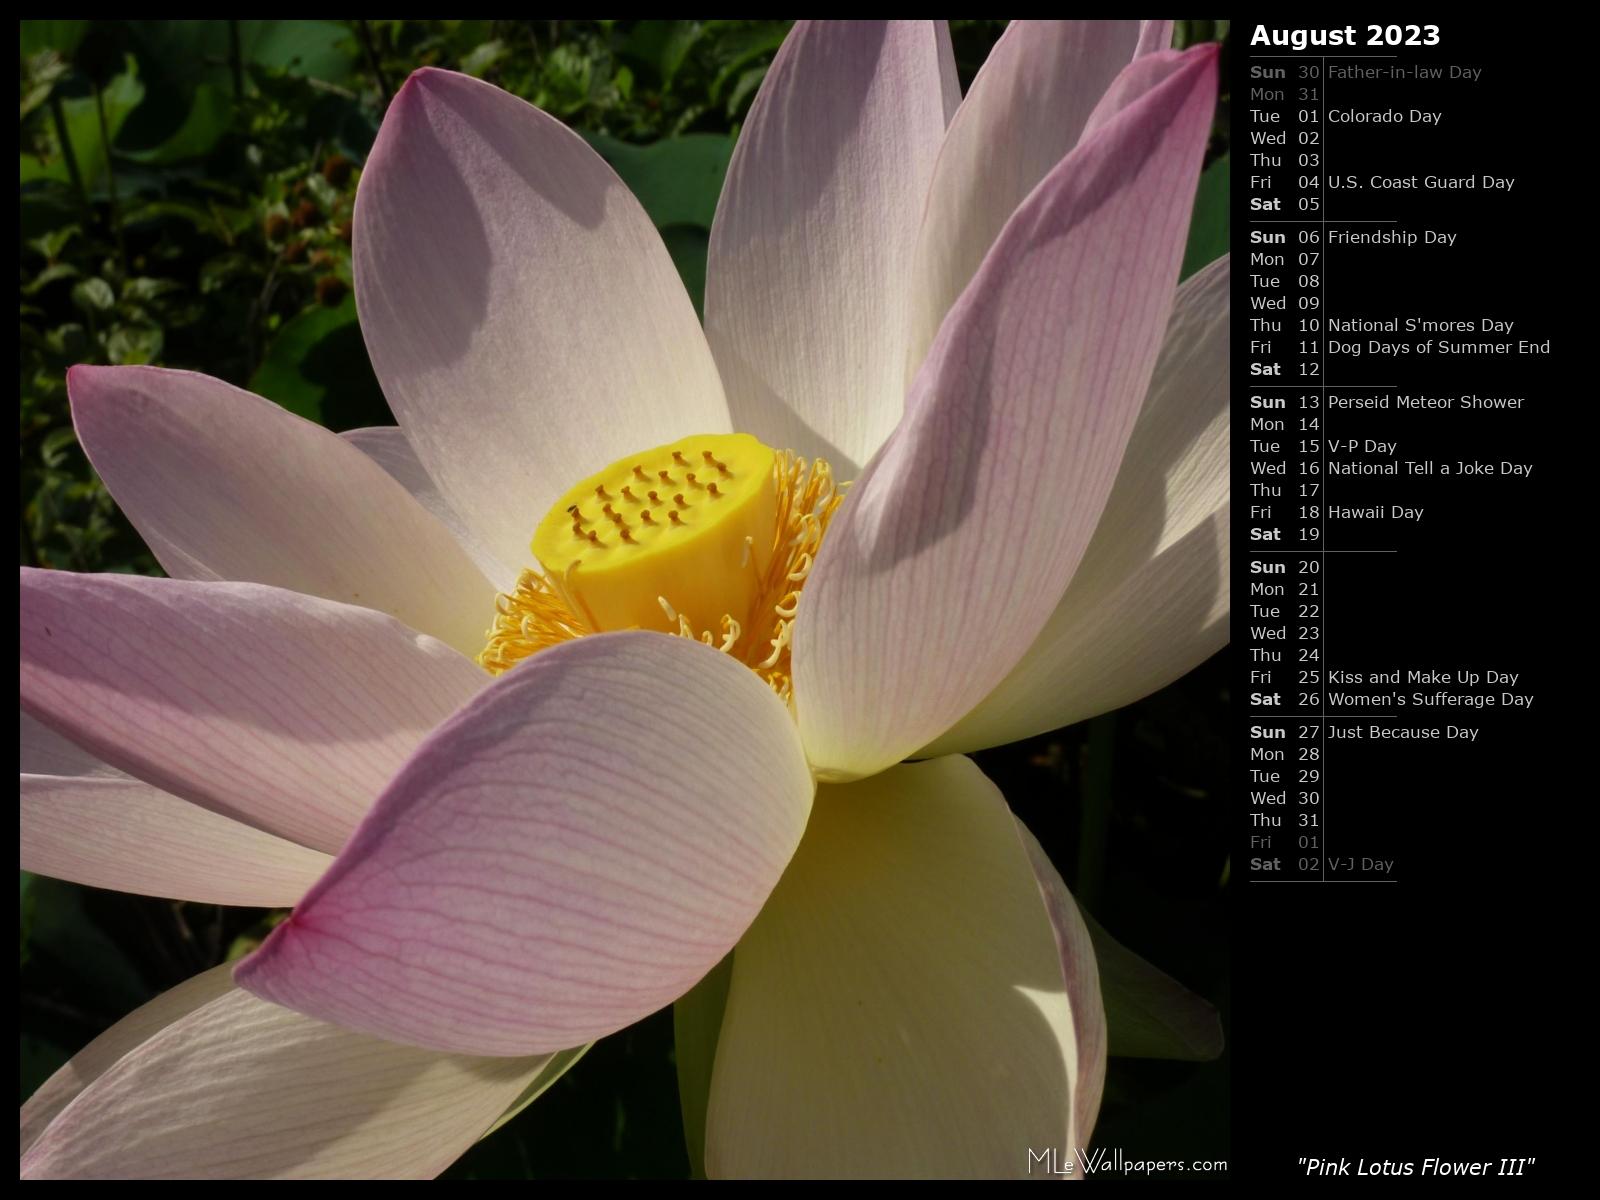 Mlewallpapers Pink Lotus Flower Iii Calendar